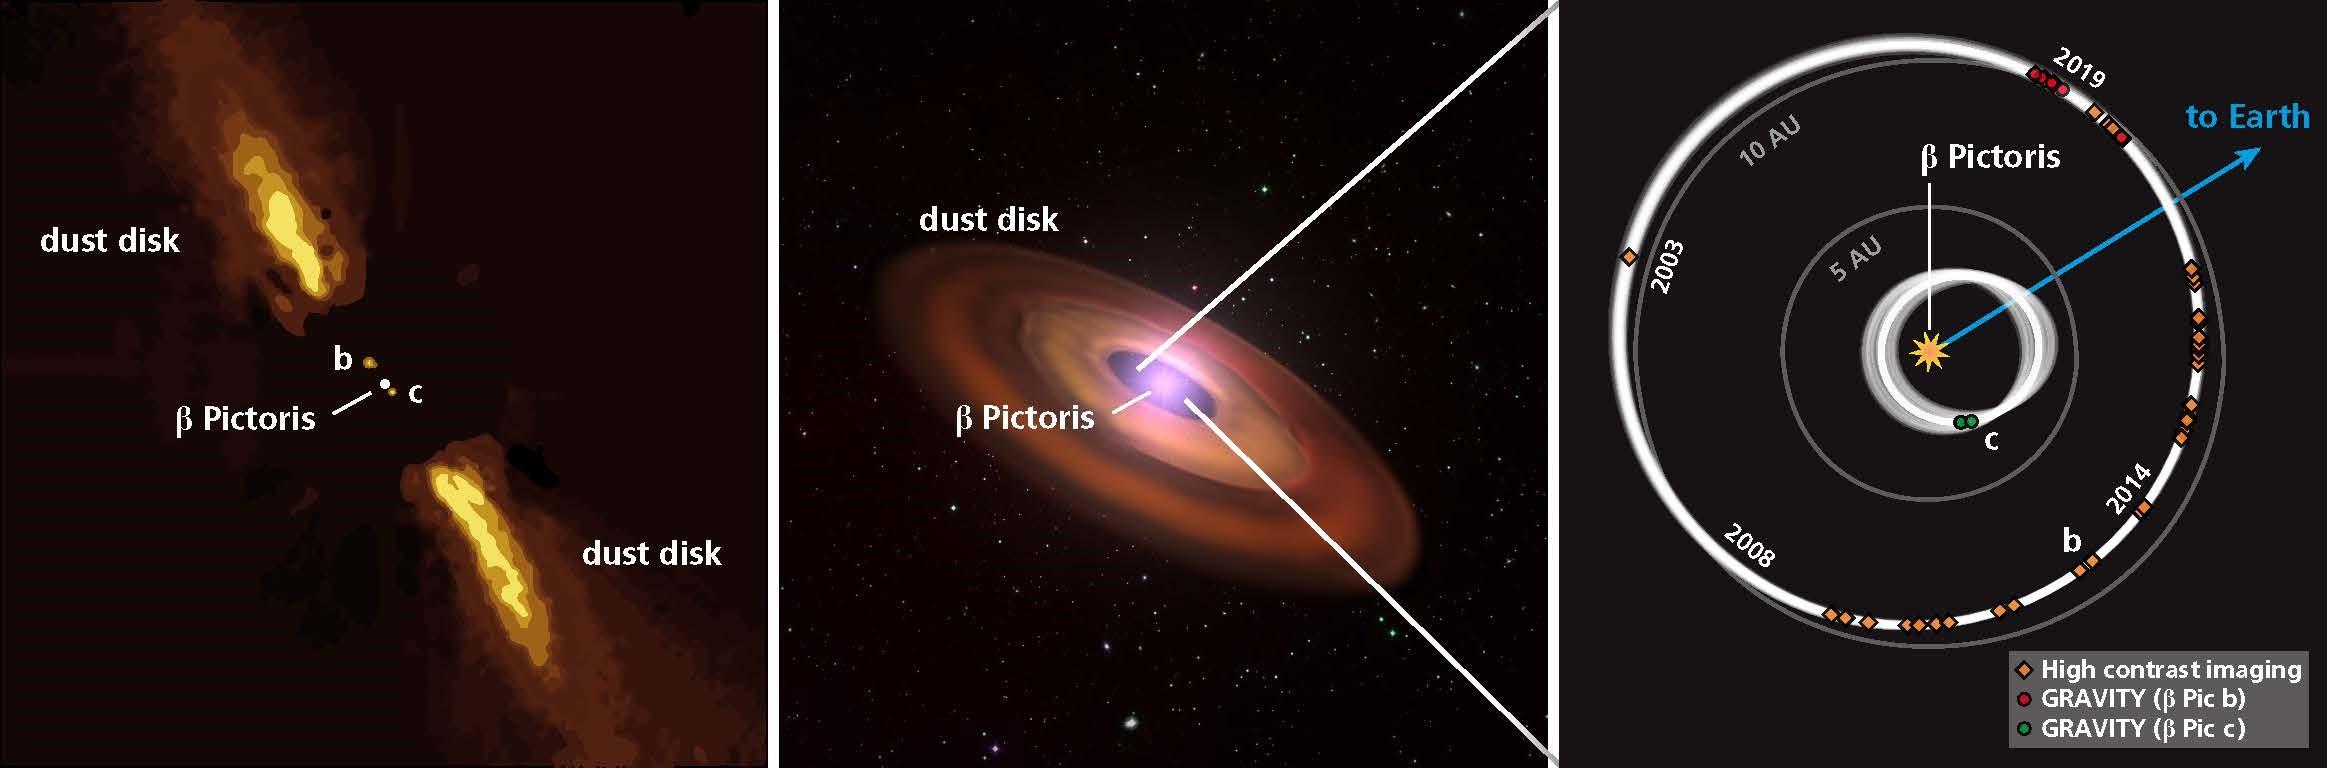 Images synthétiques du système planétaire beta Pictoris. A gauche et au centre, vue du système avec l'étoile et son disque de poussières. Les orbites des deux planètes sont représentées, vue du dessus dans l'image de droite. © Max-Planck-Institut für Astr